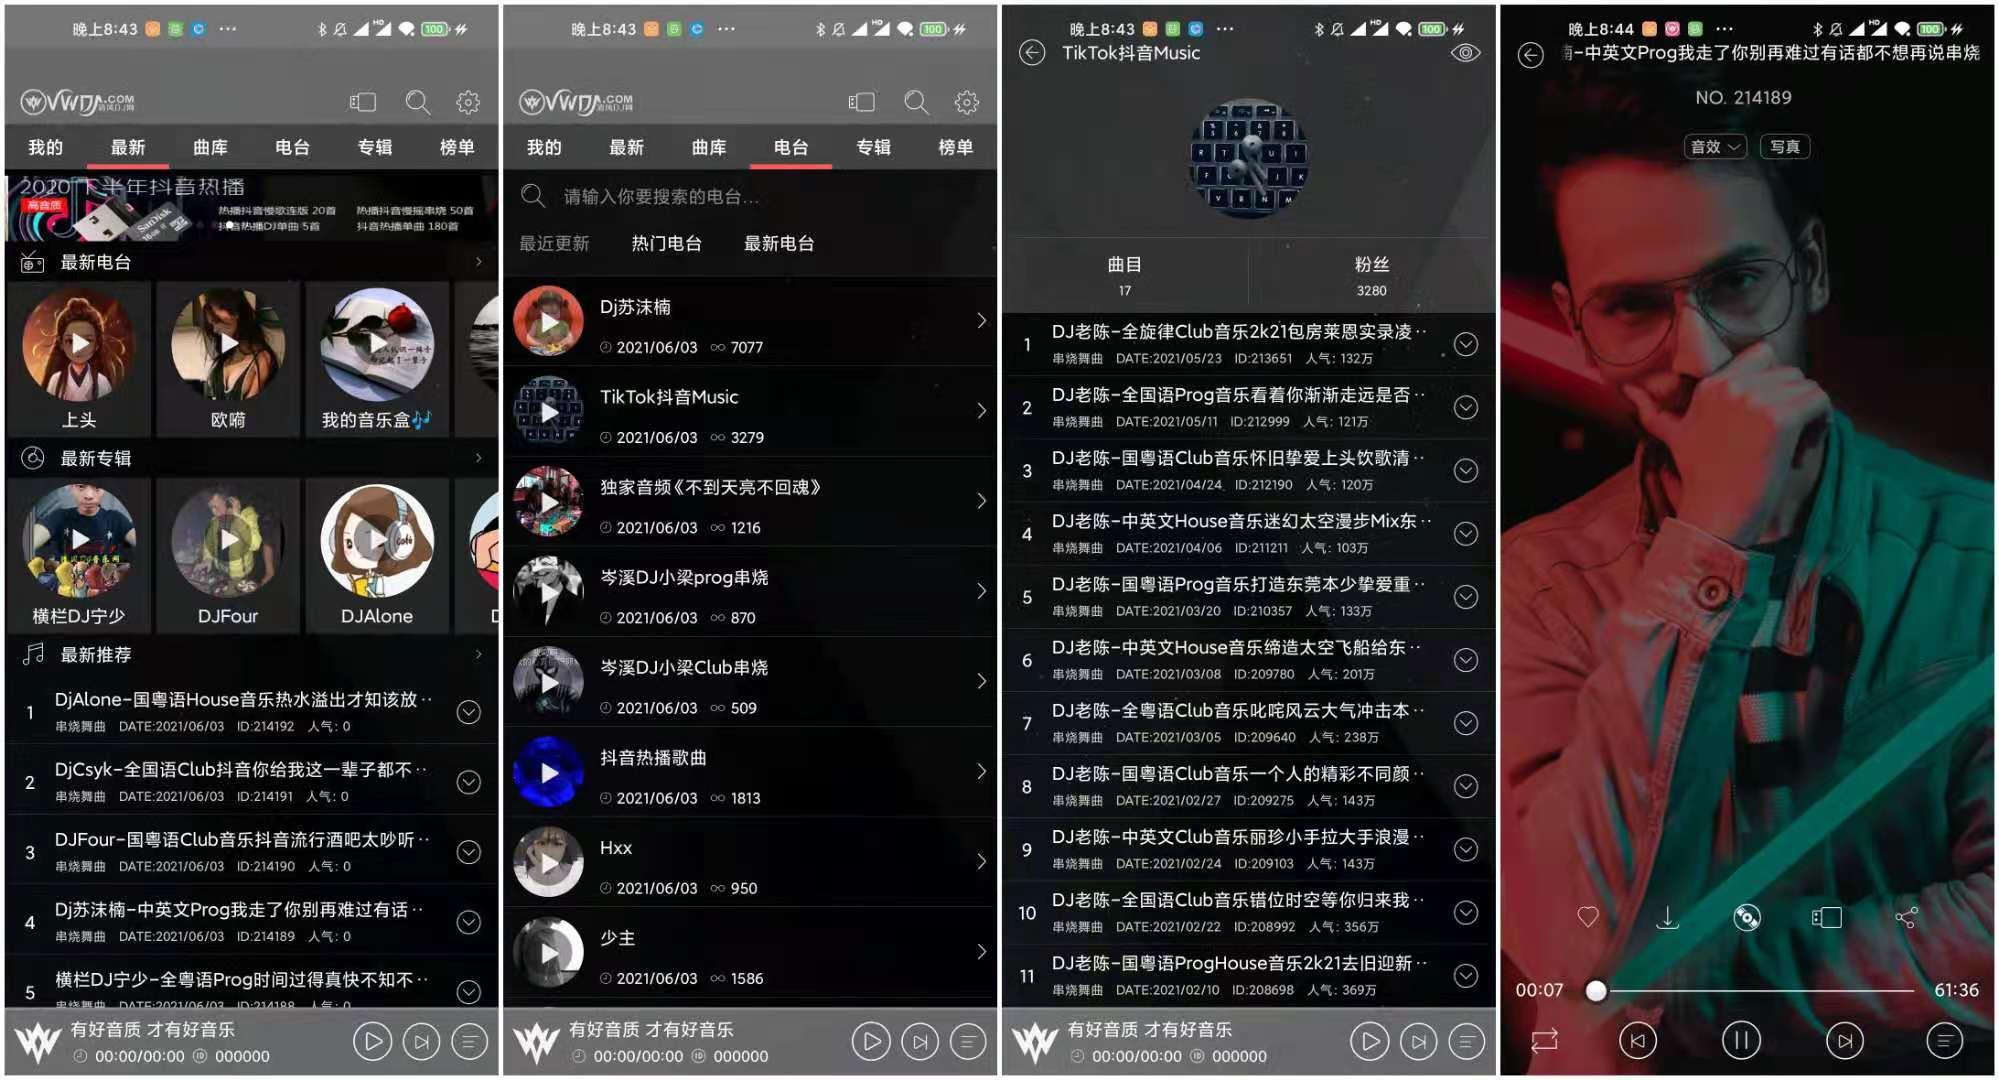 清风DJ绿化版 v2.4.4 去除广告